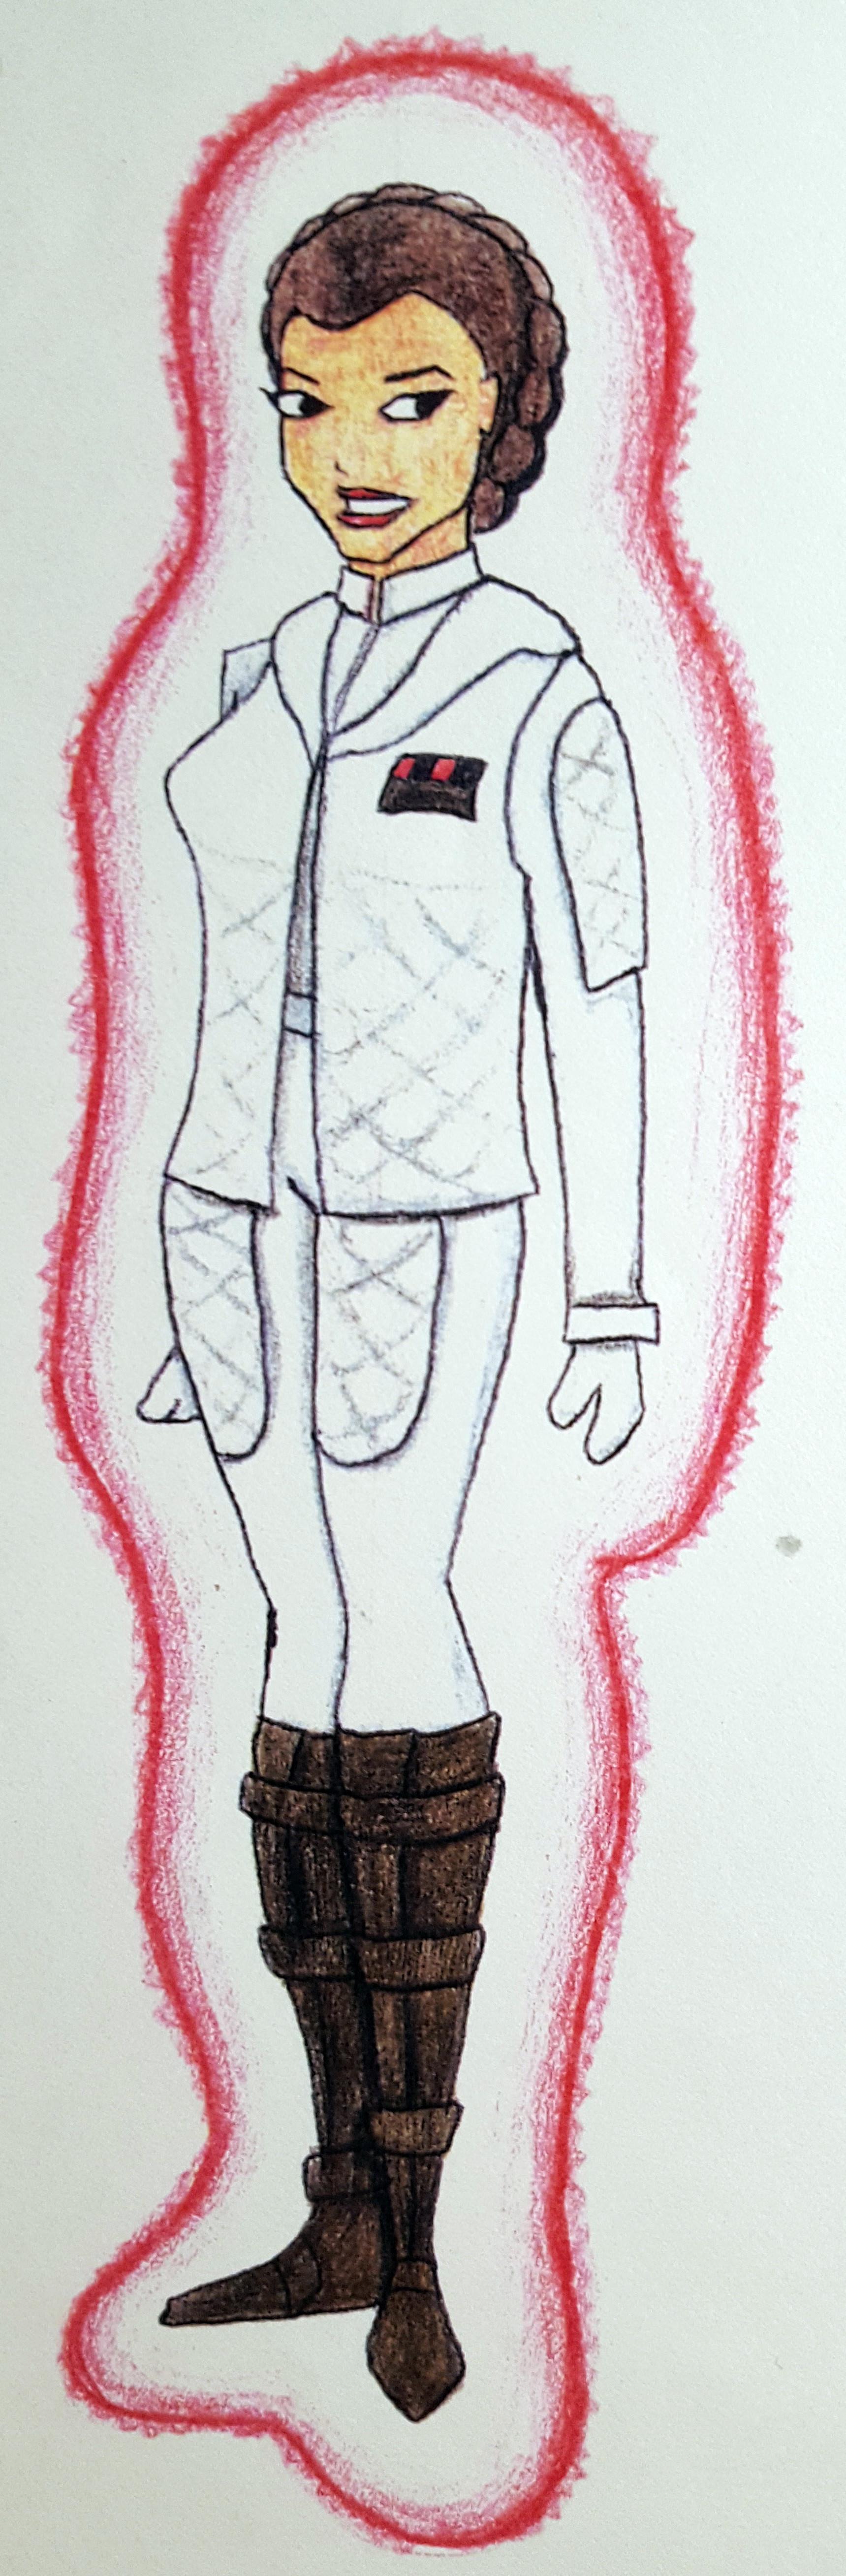 Benni amato swg leia costumes s1 hoth